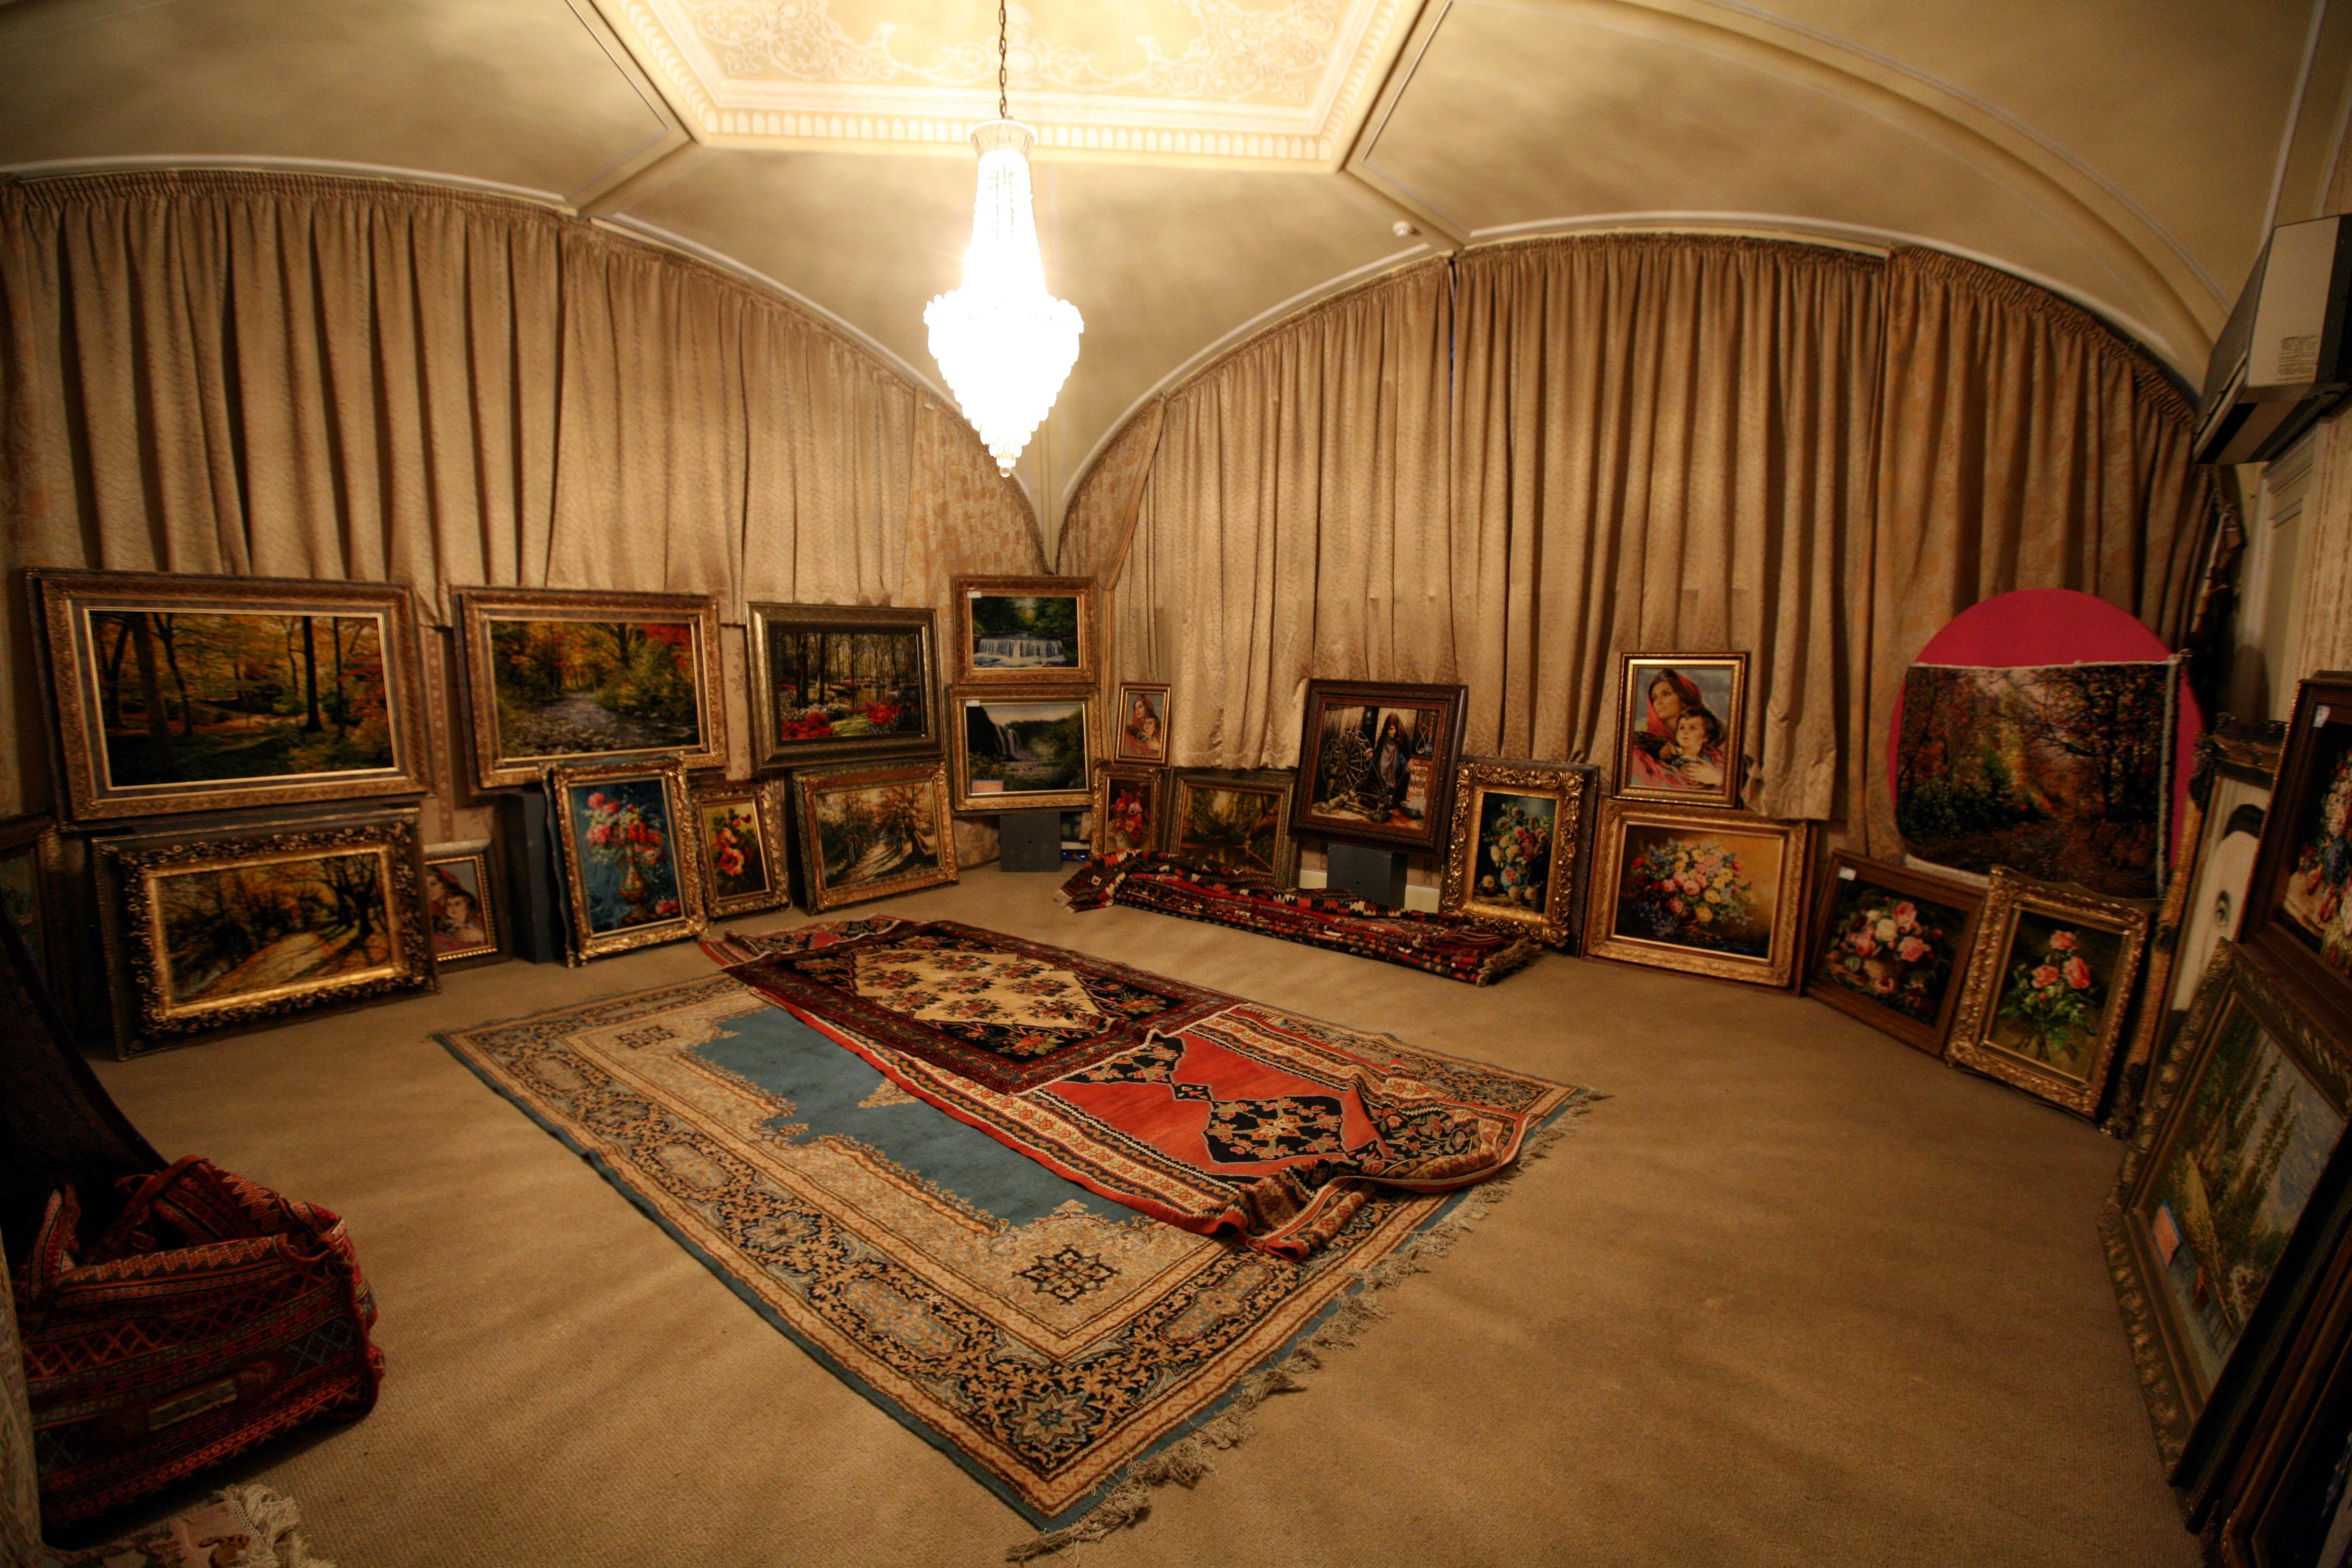 پروژه پاورپوینت موزه فرش ایران